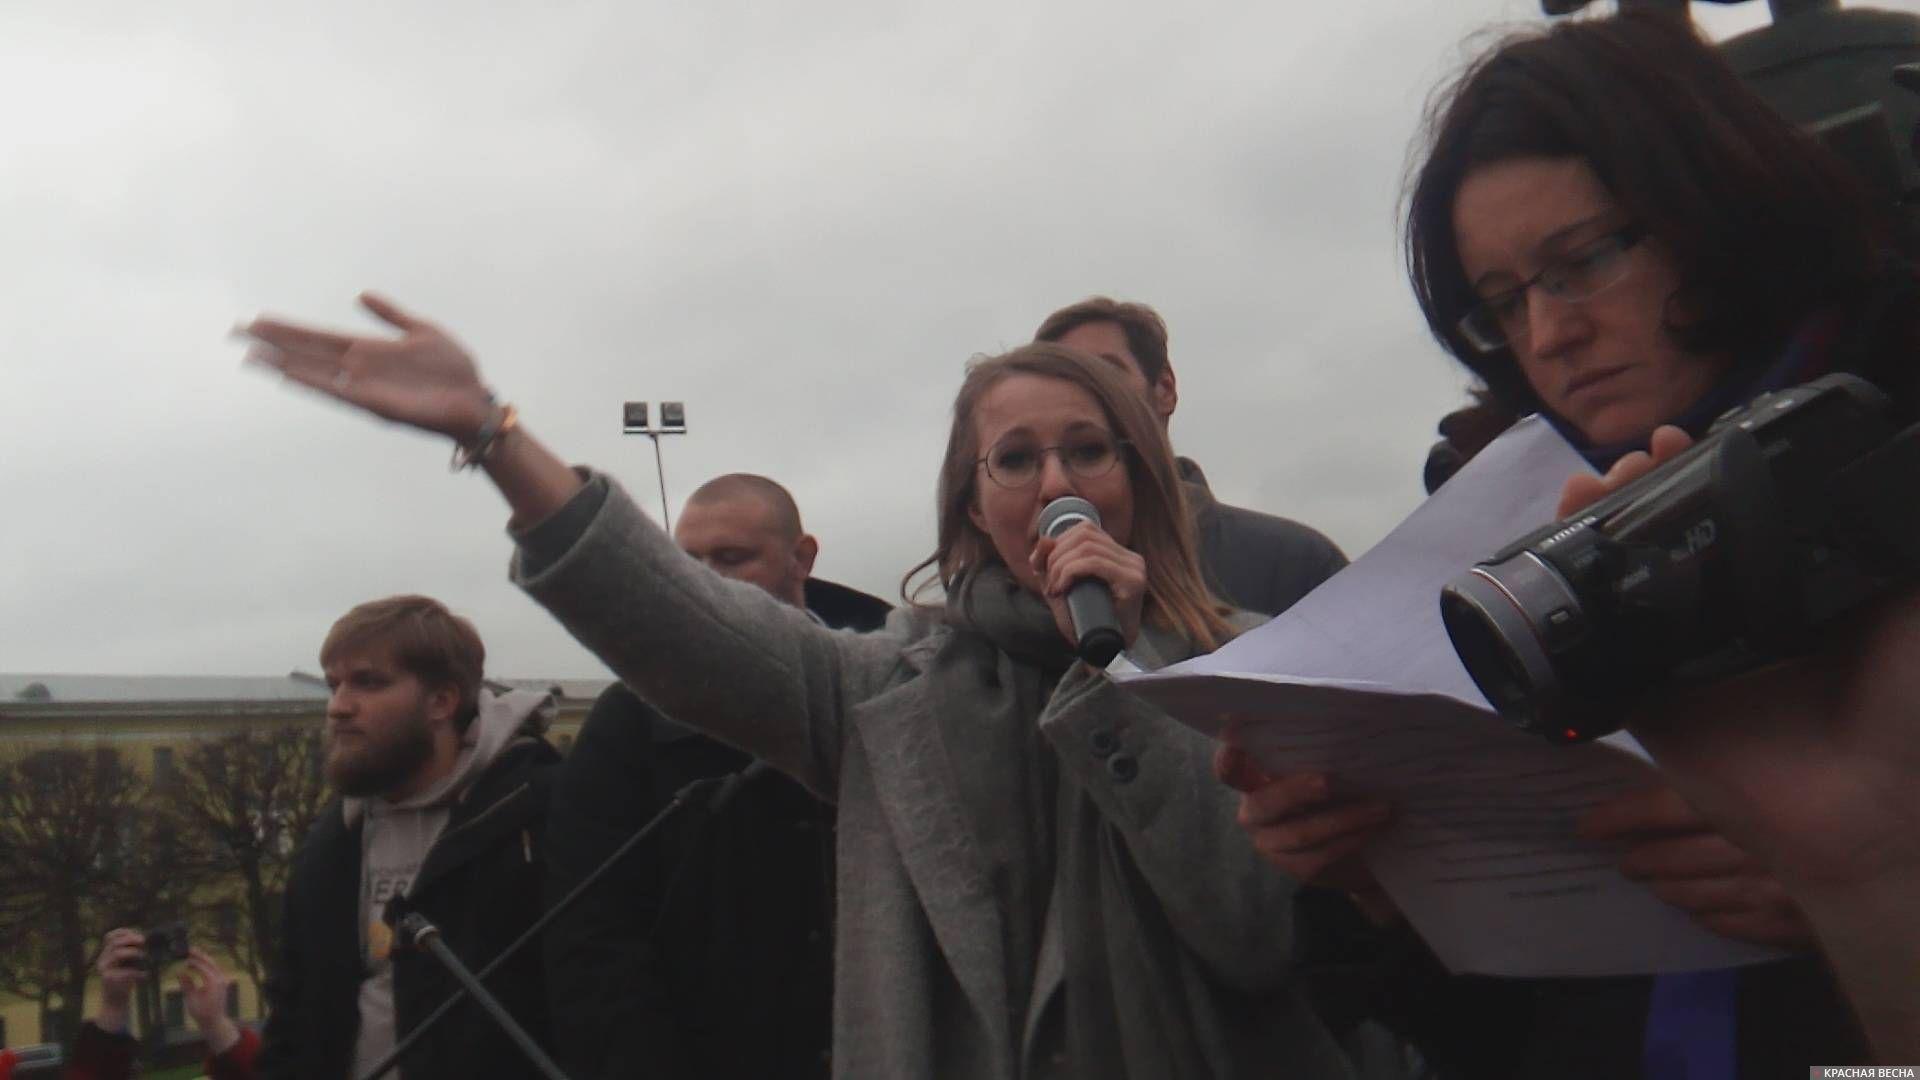 Ксения Собчак. Митиг площадь Ленина